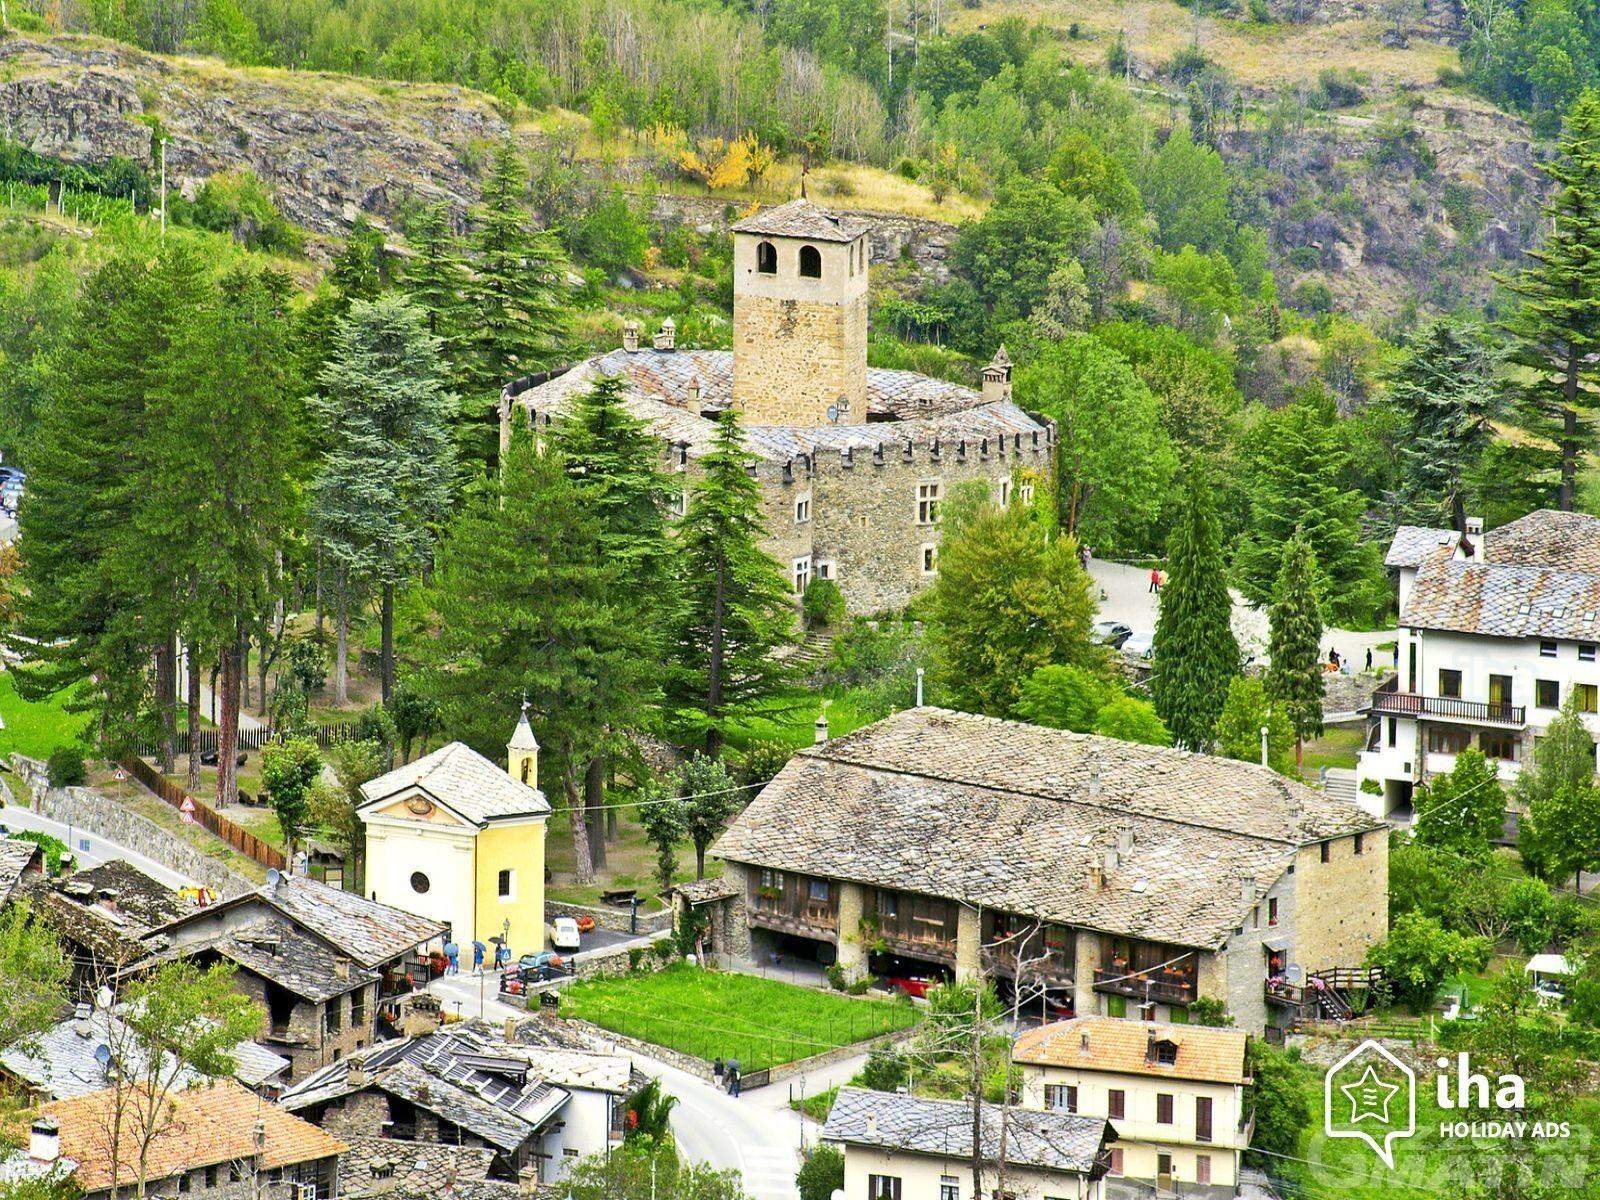 Turismo: Introd Bandiera Arancione del Touring Club Italiano